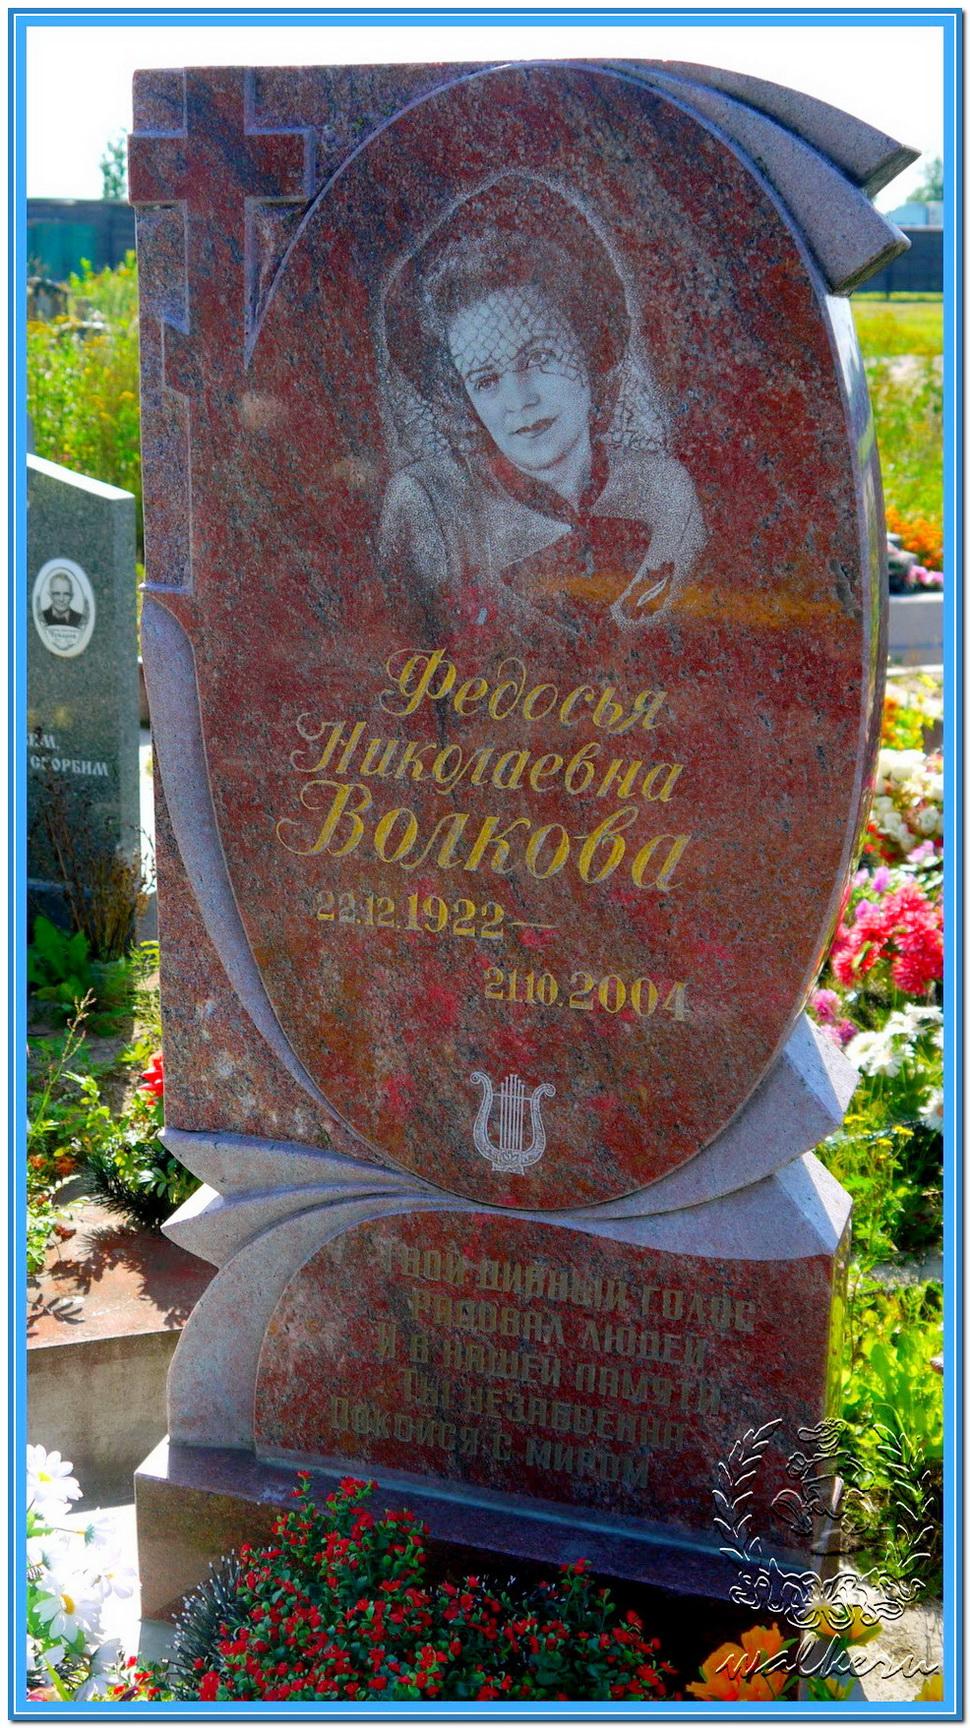 Волкова Федосья Николаевна